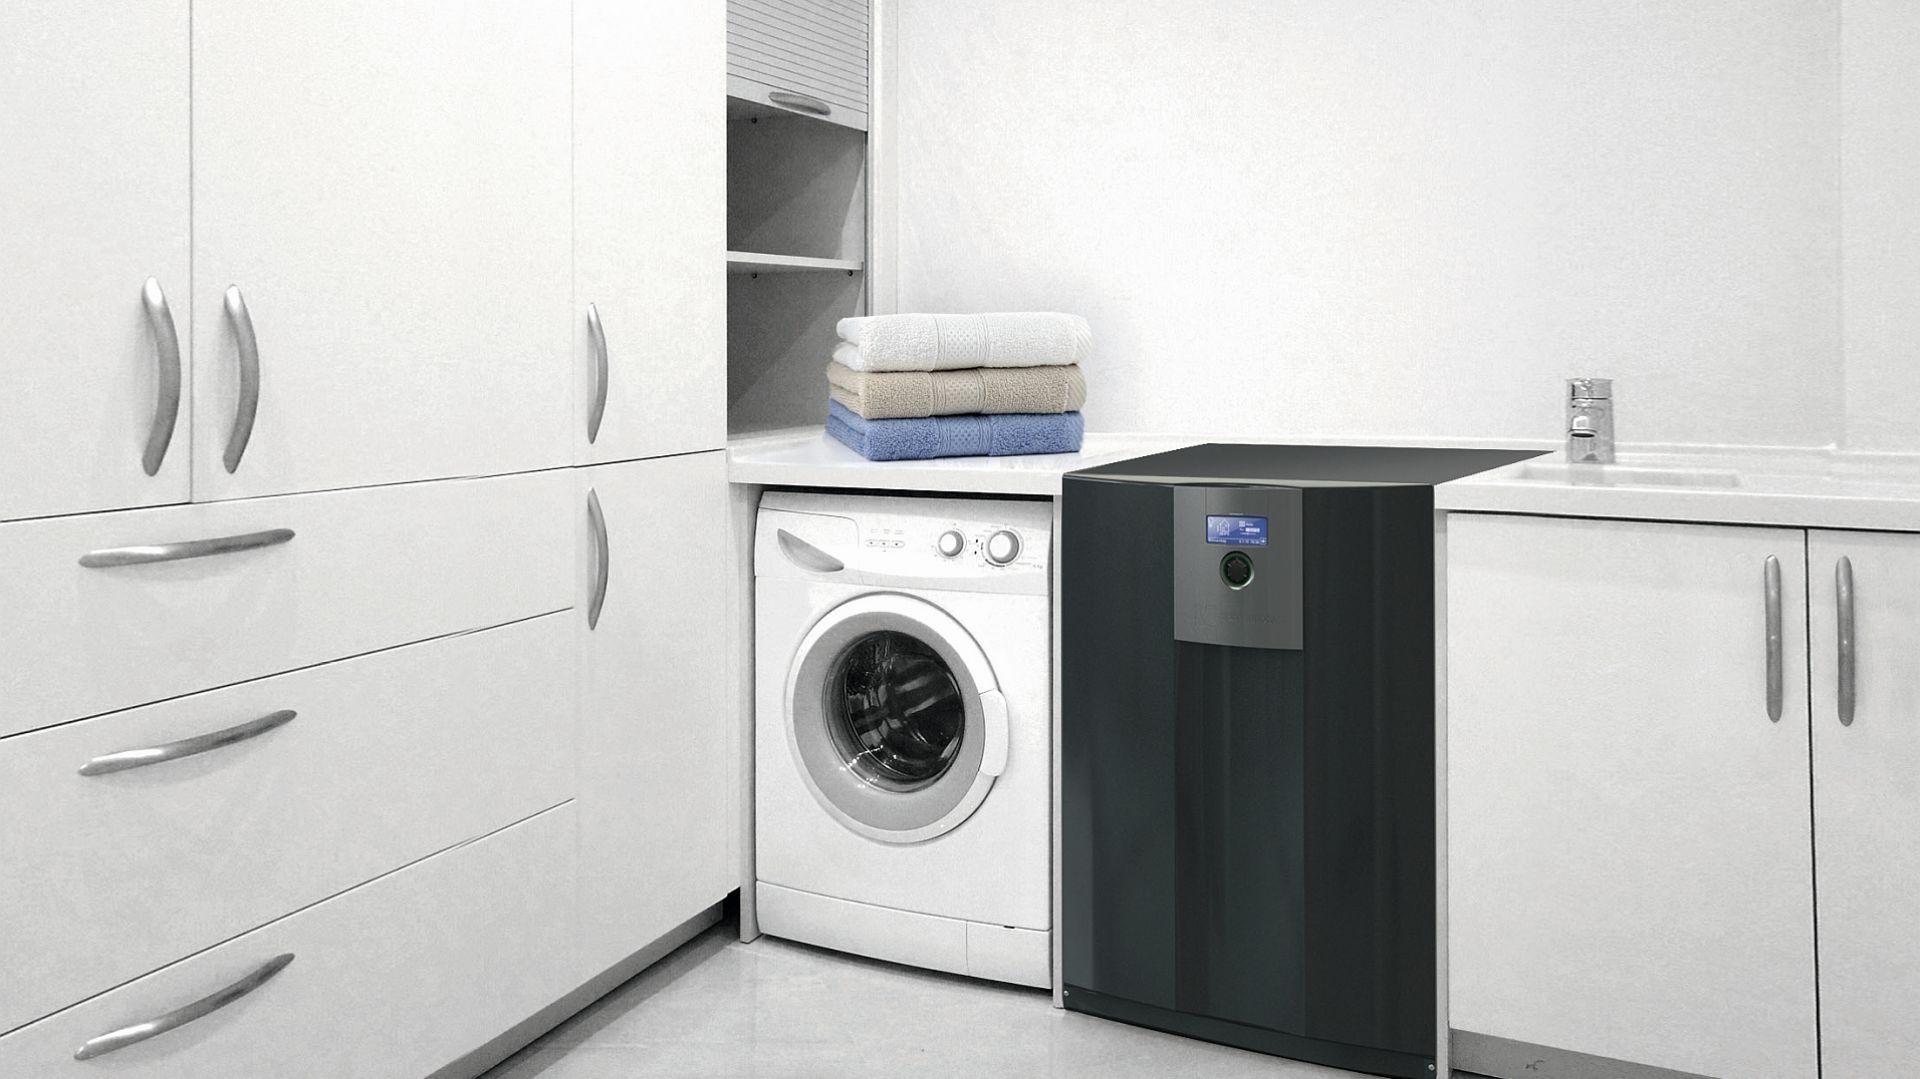 Działanie pompy ciepła można porównać do pracy lodówki. Zamiast odprowadzać ciepło na zewnątrz, pompa ciepła pobiera energię cieplną z zewnątrz i dostarcza ją do budynku. Fot. Hydro-Tech